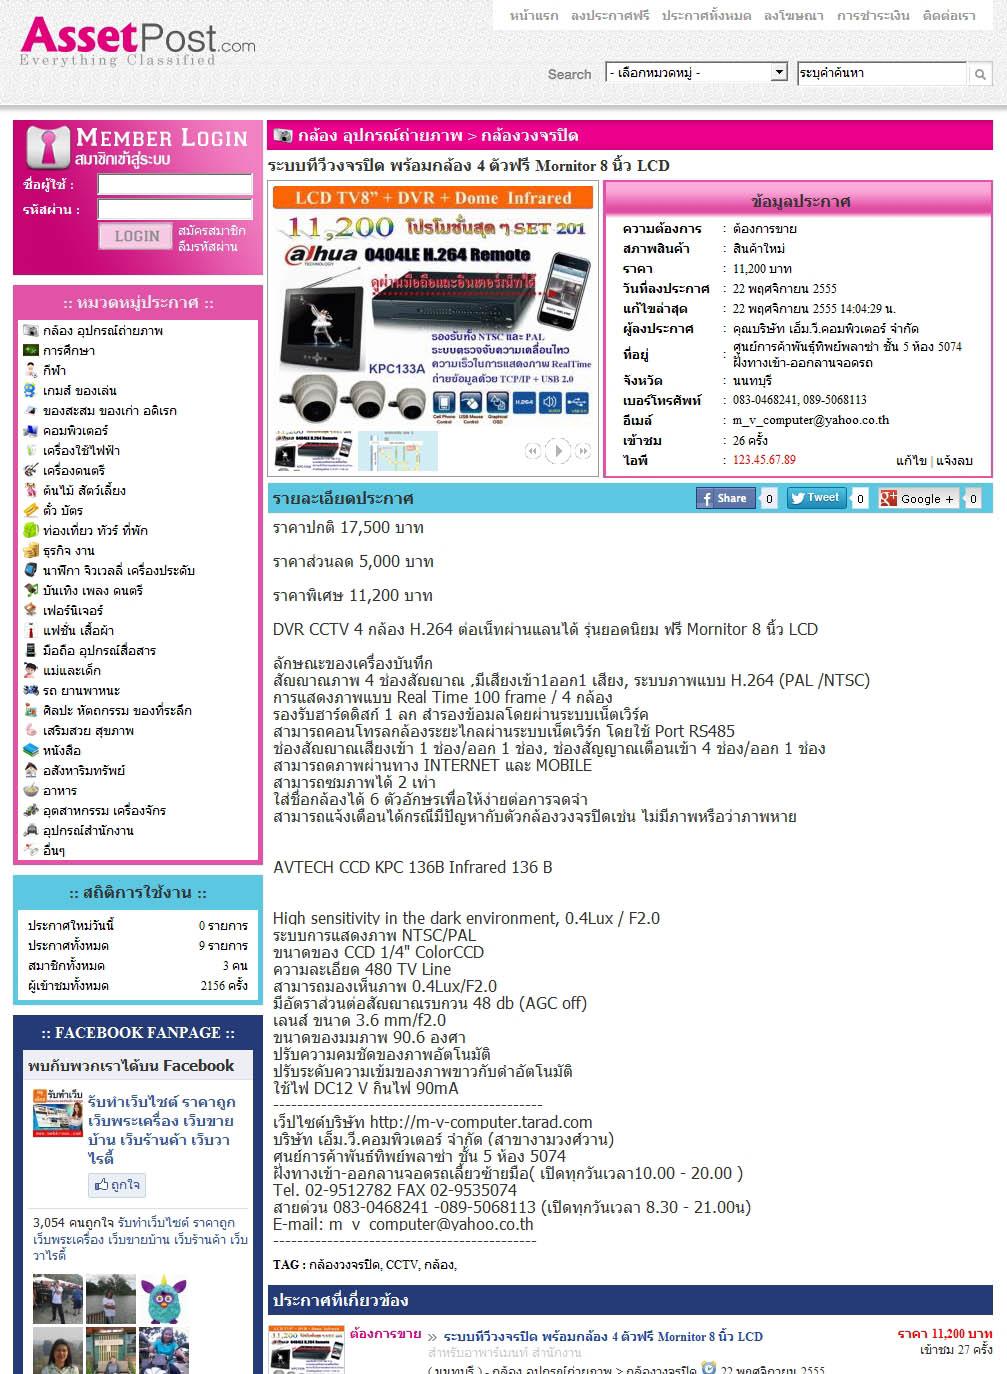 ภาพที่ 2 รับทำเว็บไซต์ลงประกาศฟรี Classifieds V.2